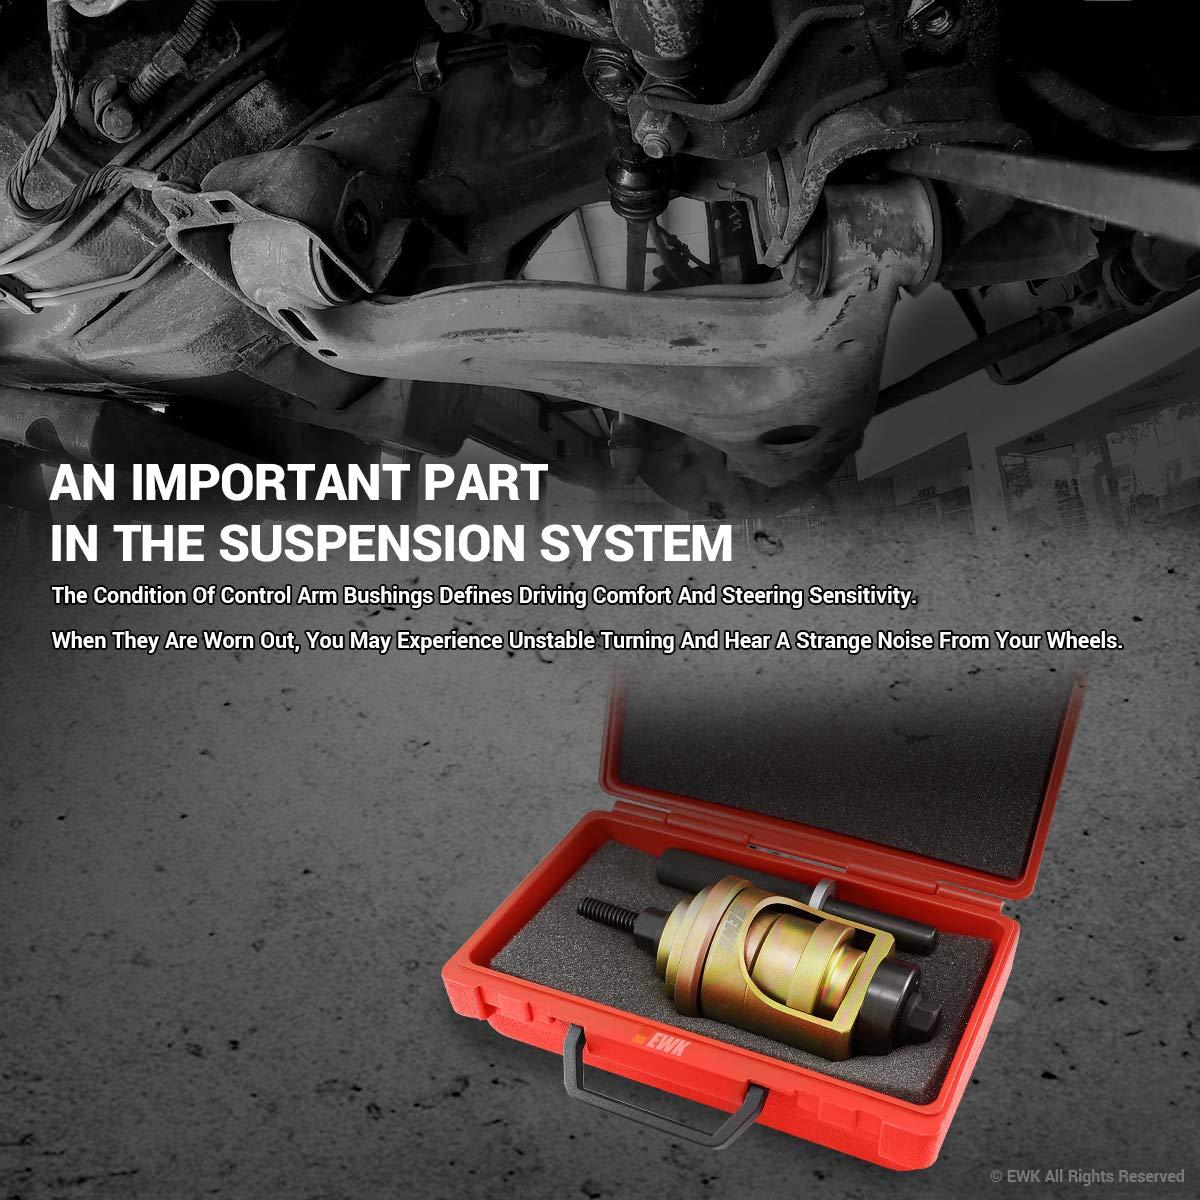 EWK Lower Control Arm Bushing Tool for Mercedes Benz W202 R170 by EWK (Image #2)